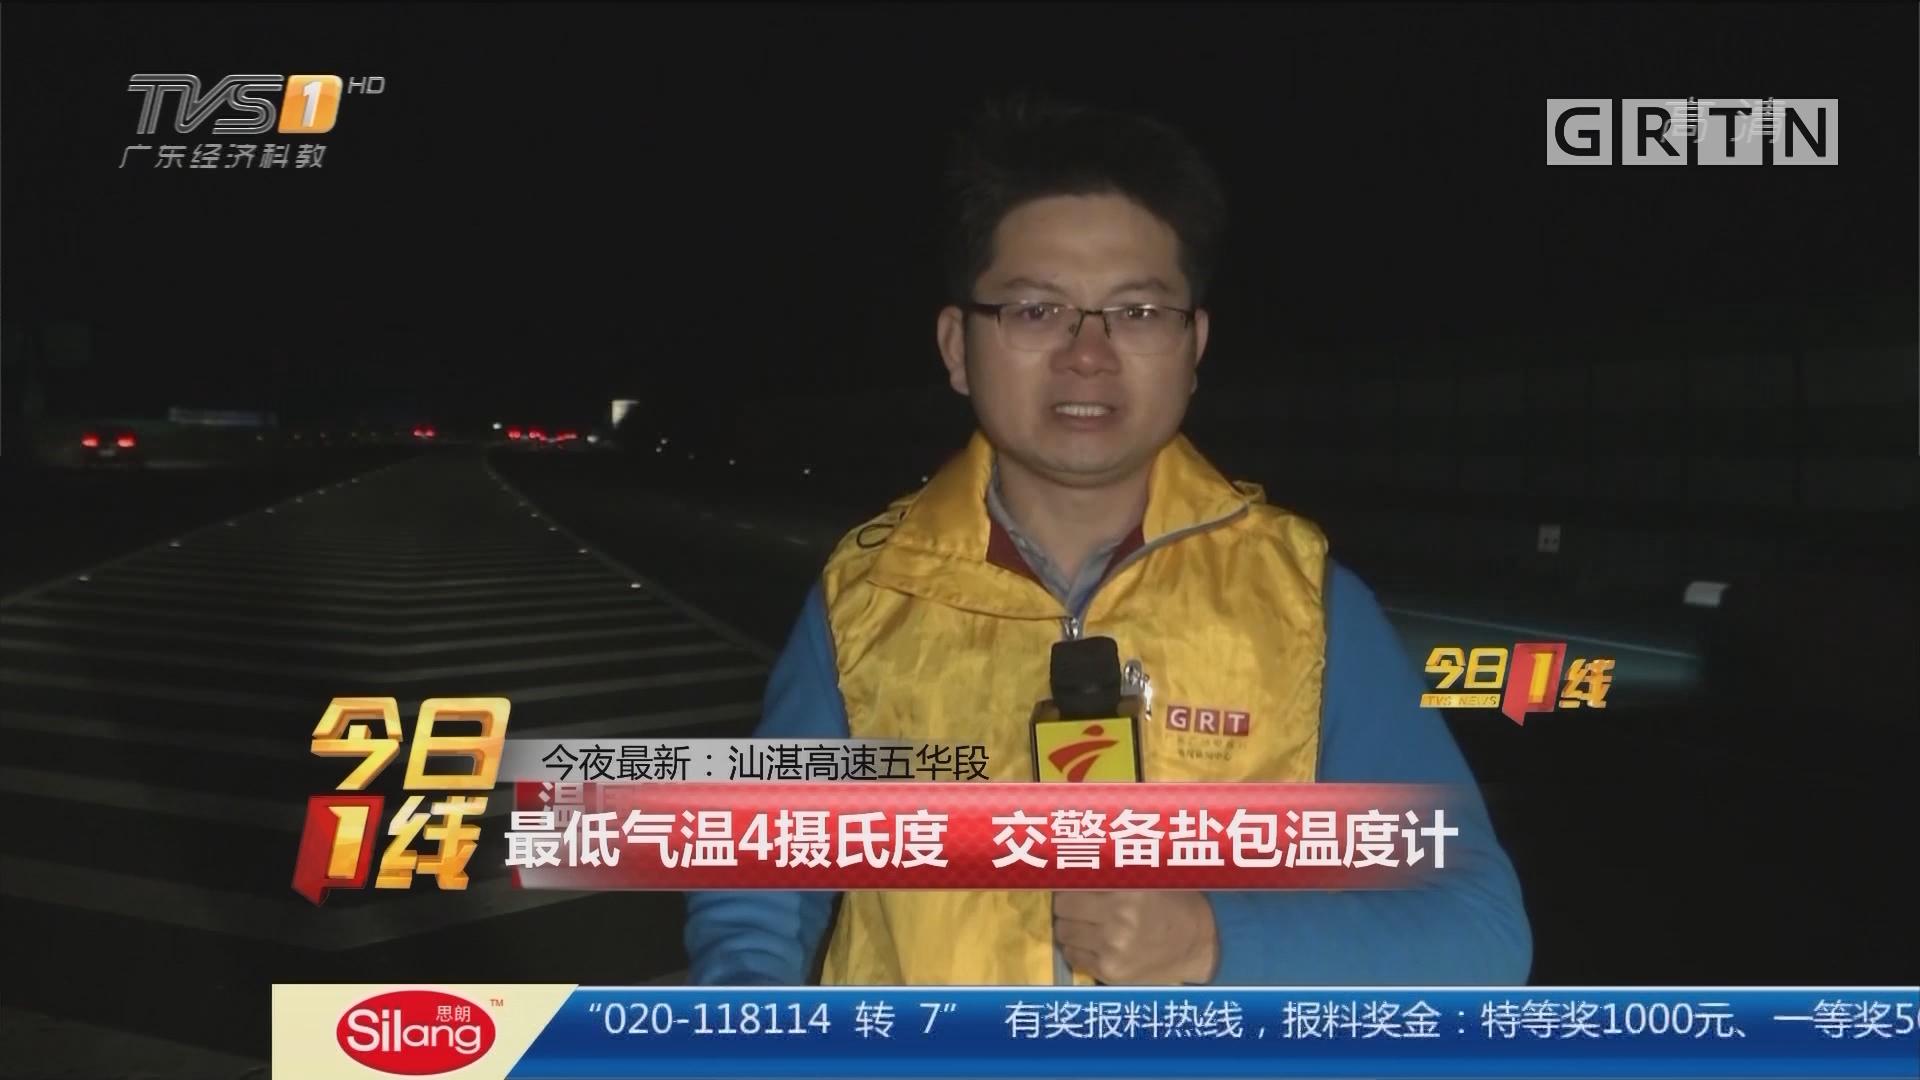 今夜最新:汕湛高速五华段 最低气温4摄氏度 交警备盐包温度计